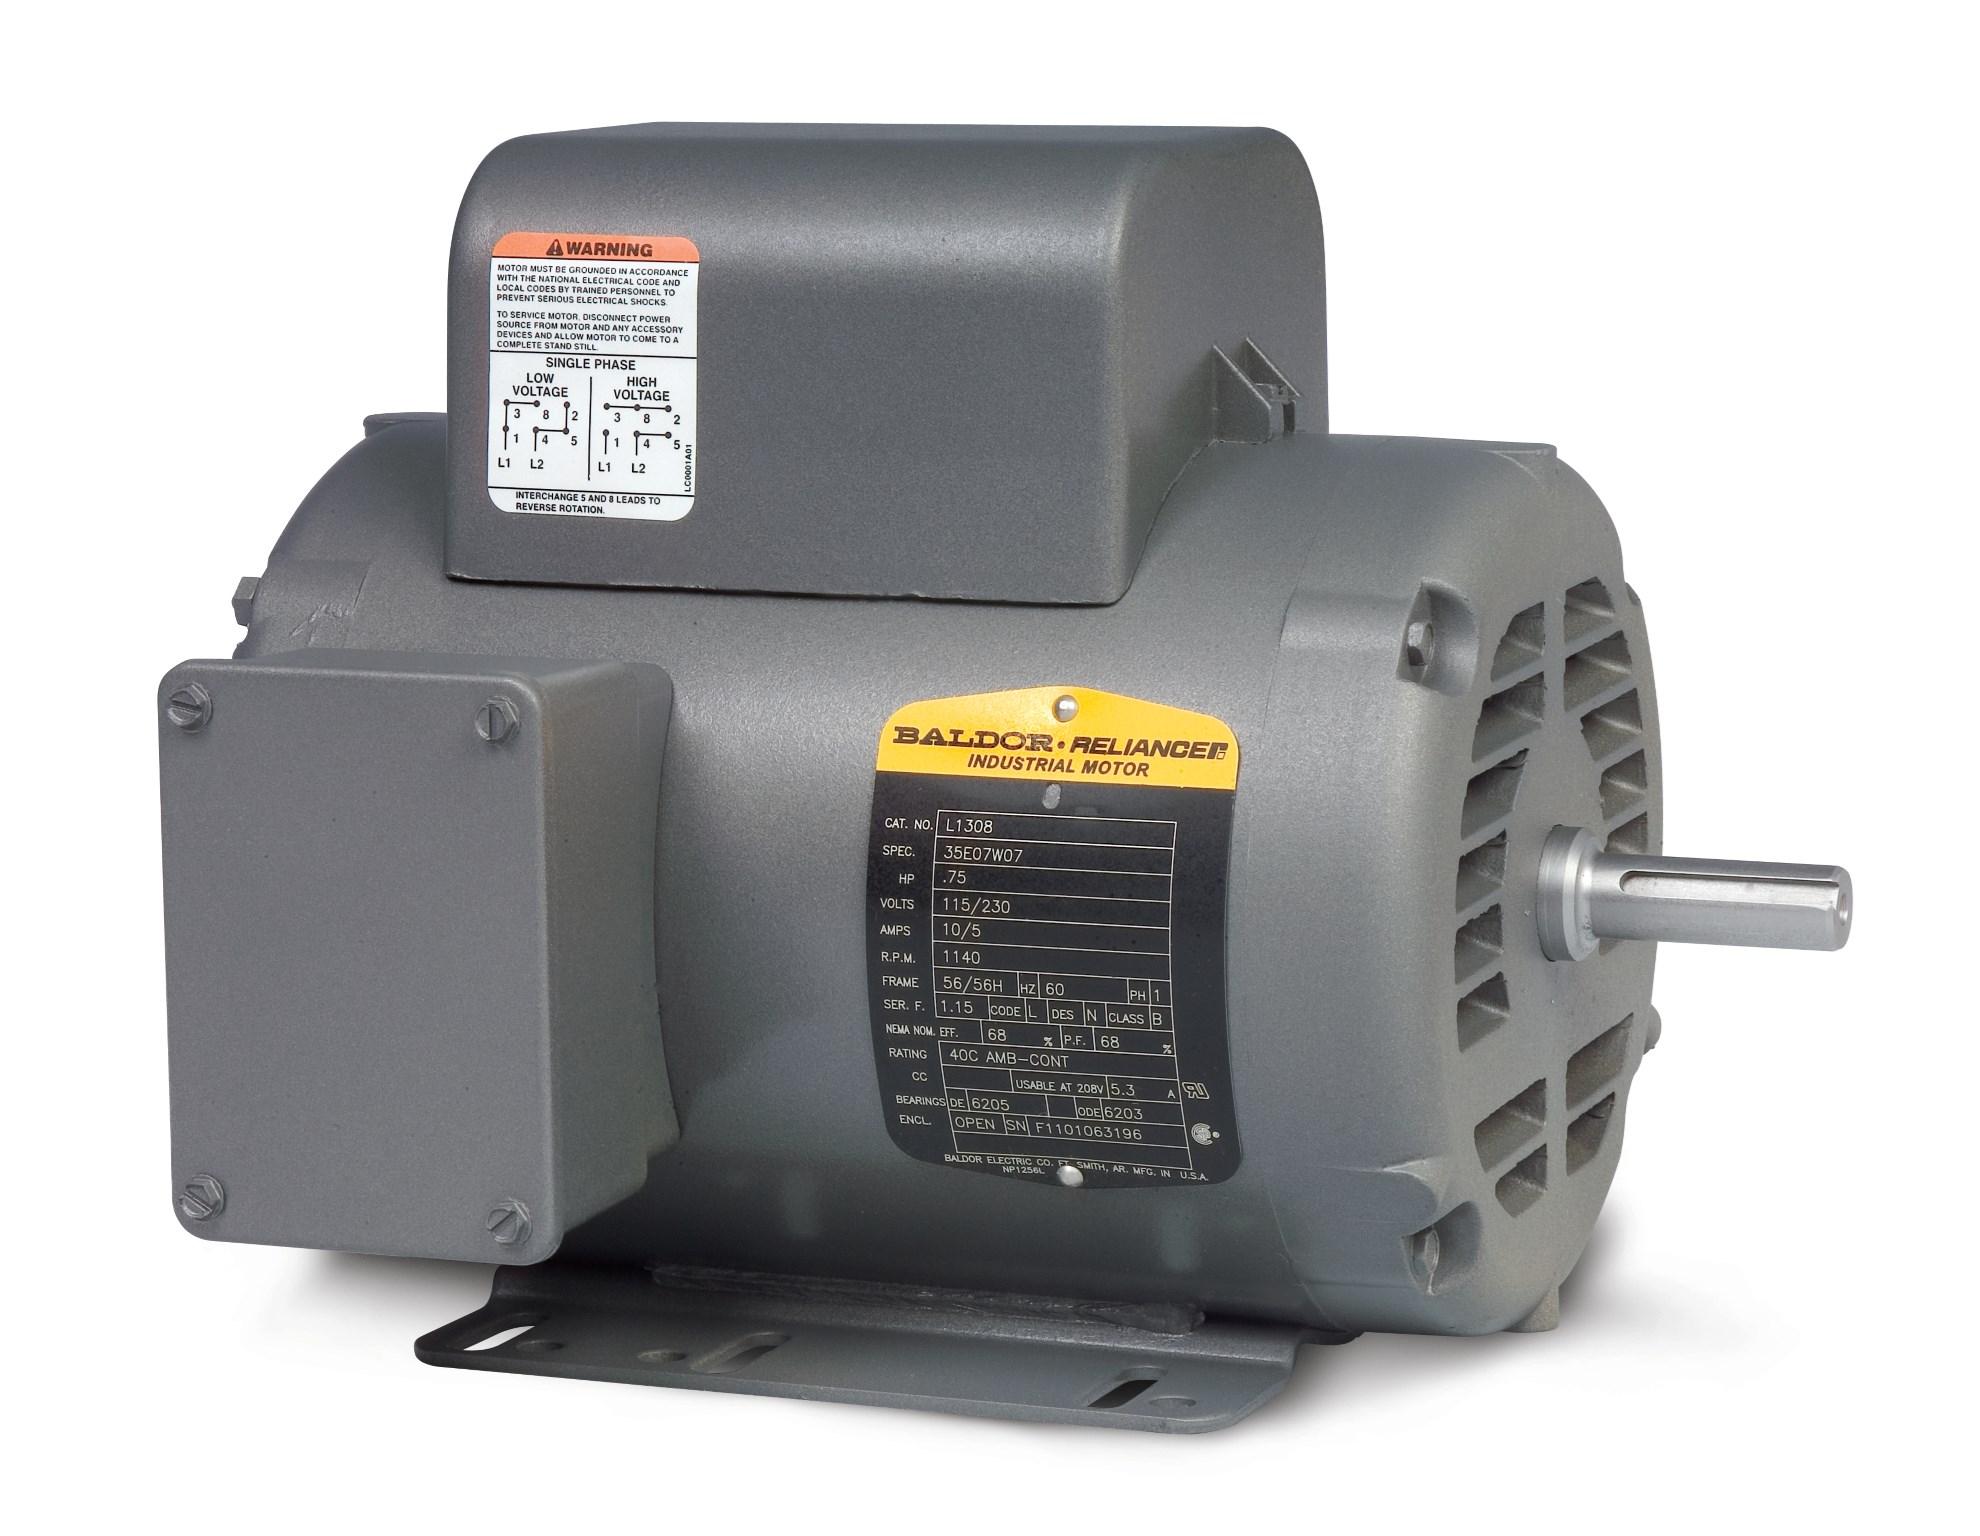 baldor 3hp single phase motor wiring diagram solidfonts wiring diagram for baldor single phase motor maker